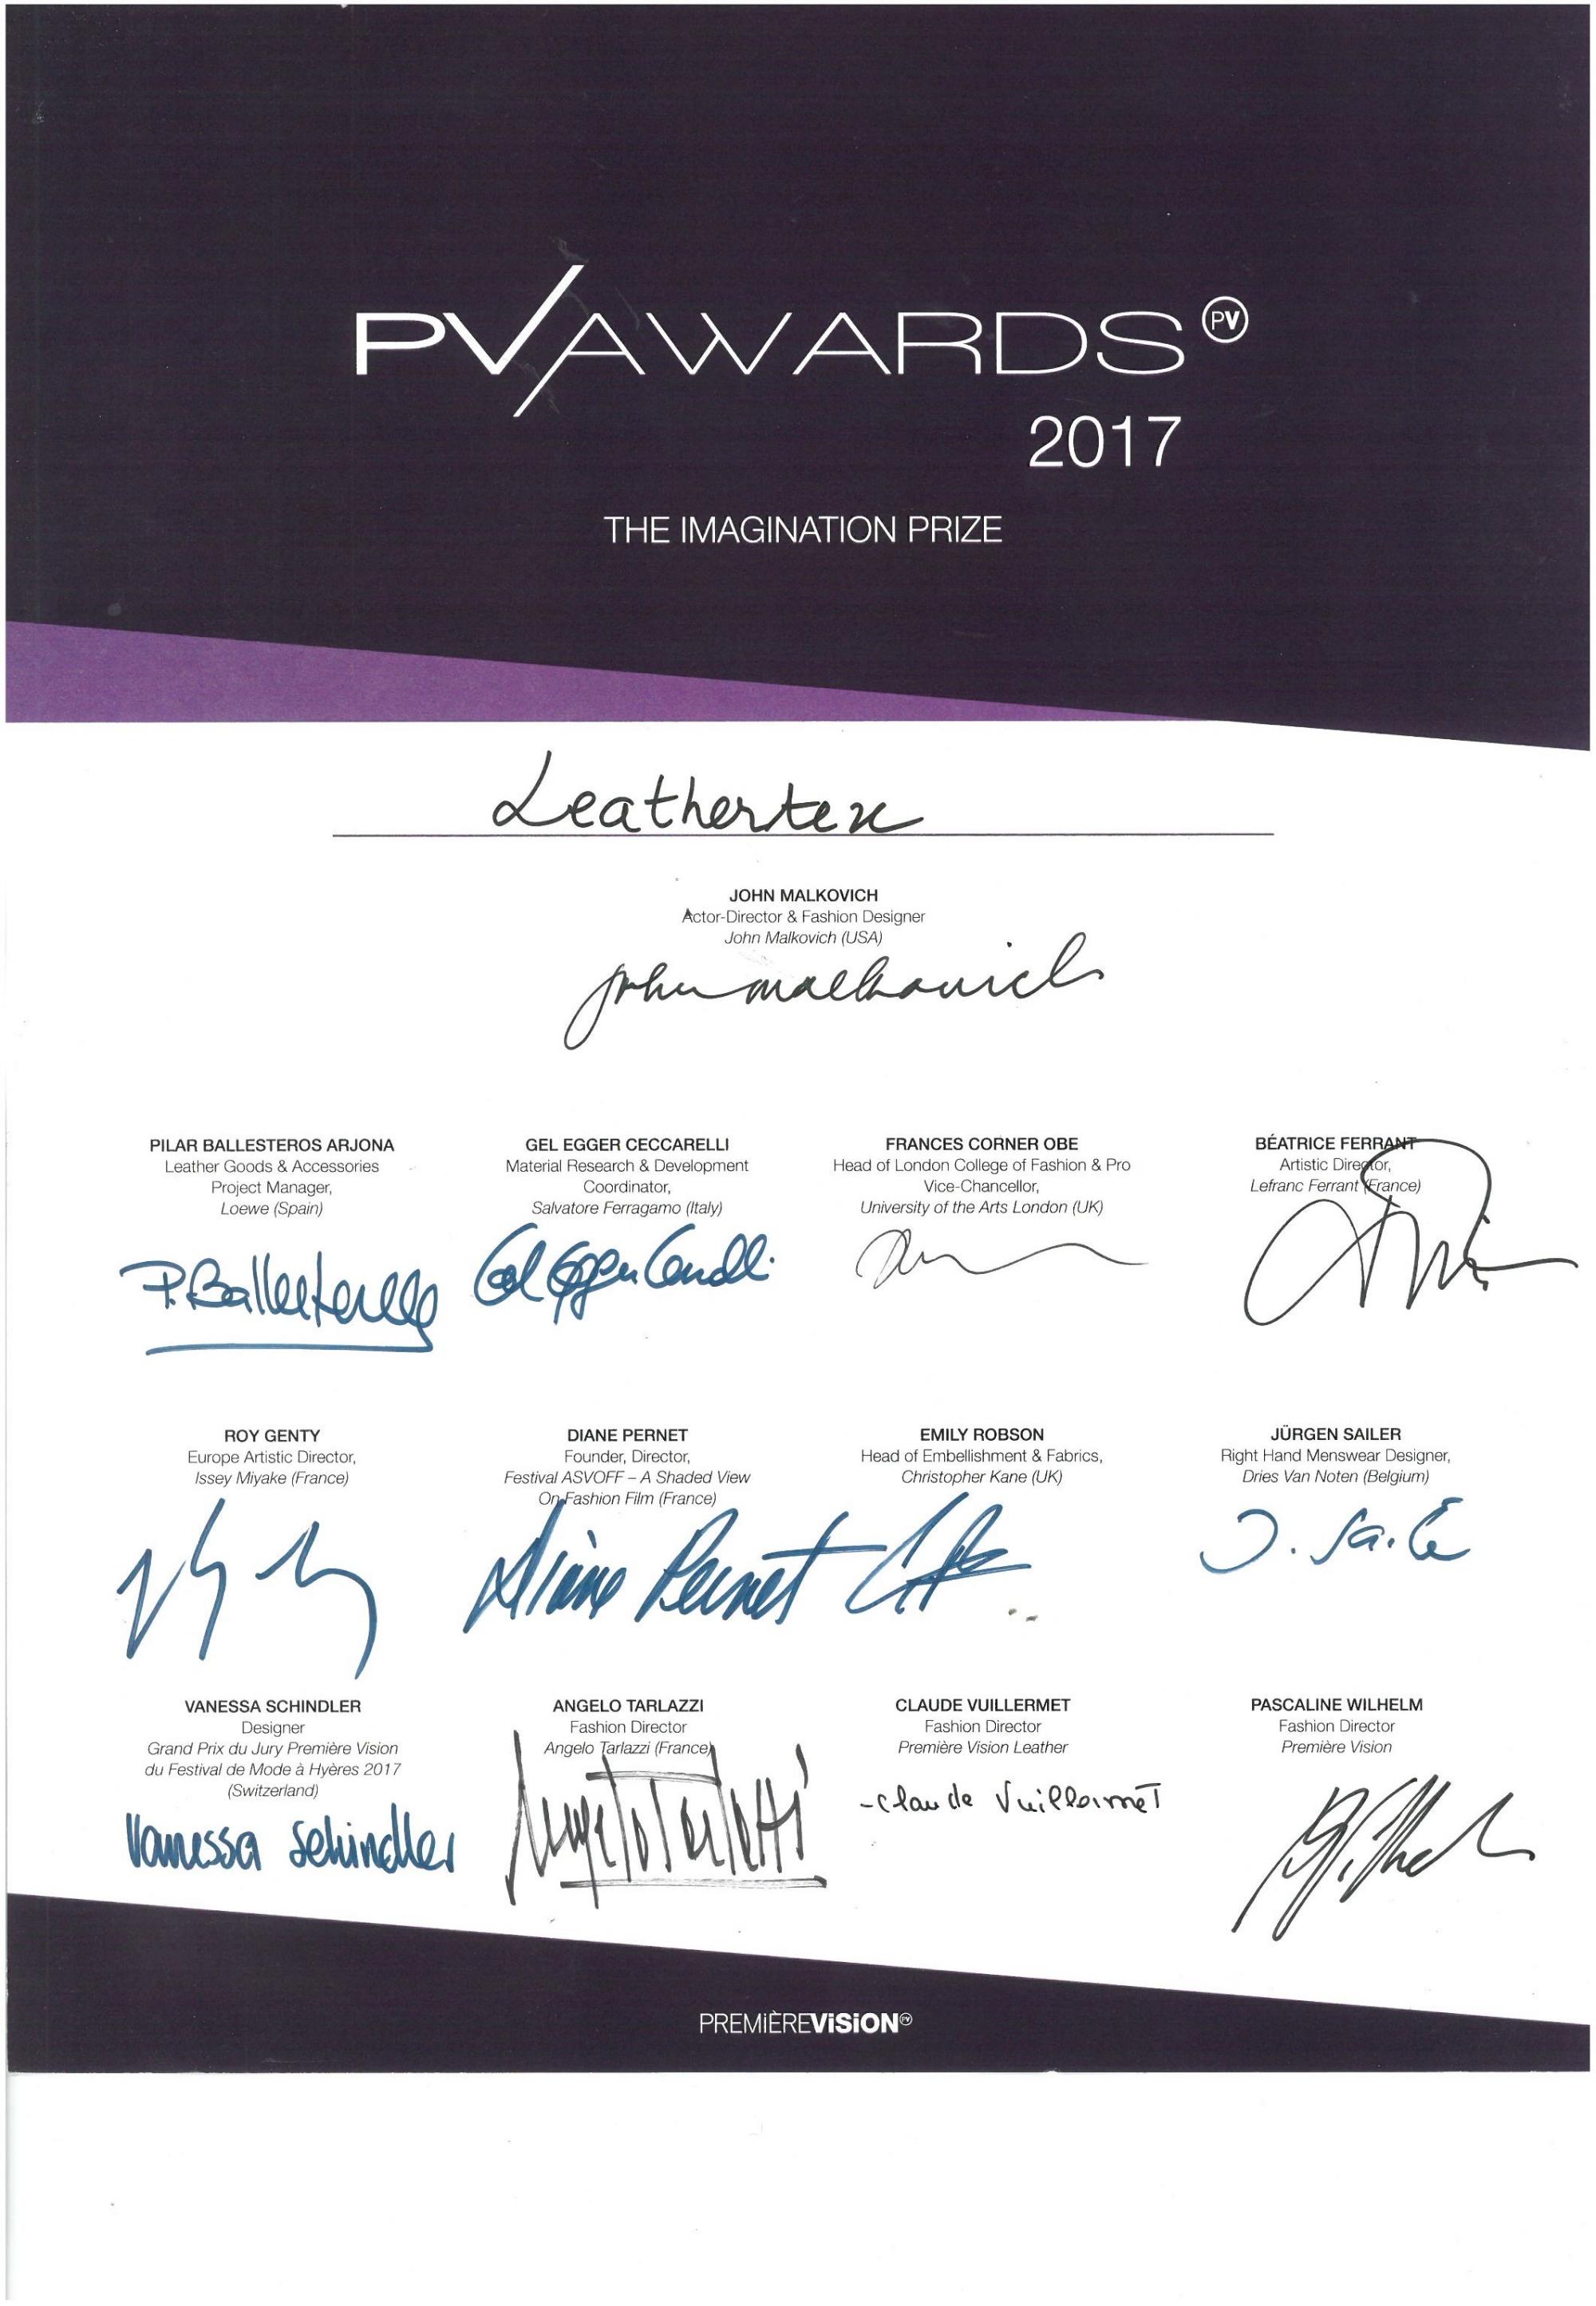 PV Awards 2017